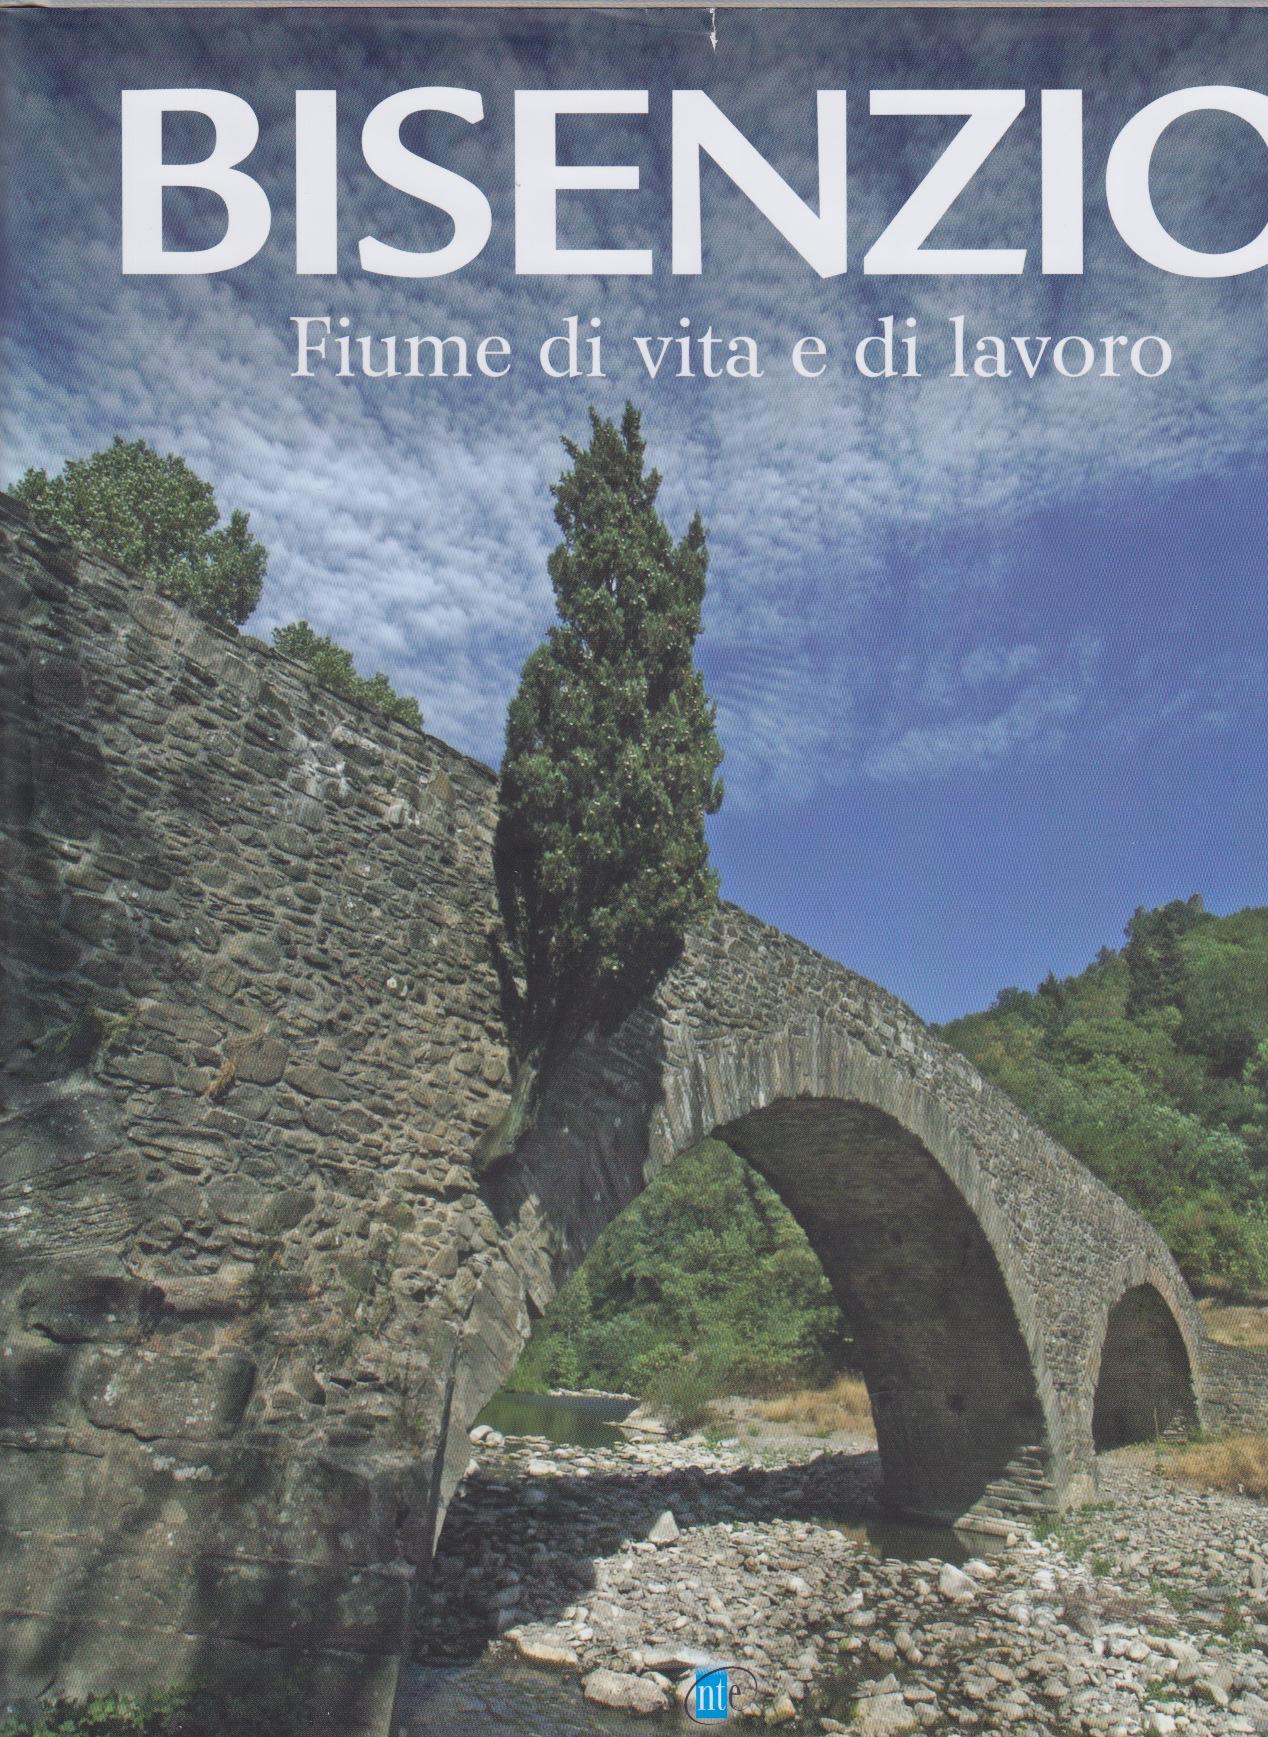 aa-vv-bisenzio-fiume-di-vita-e-di-lavoro-nte-campi-bisenzio-2010